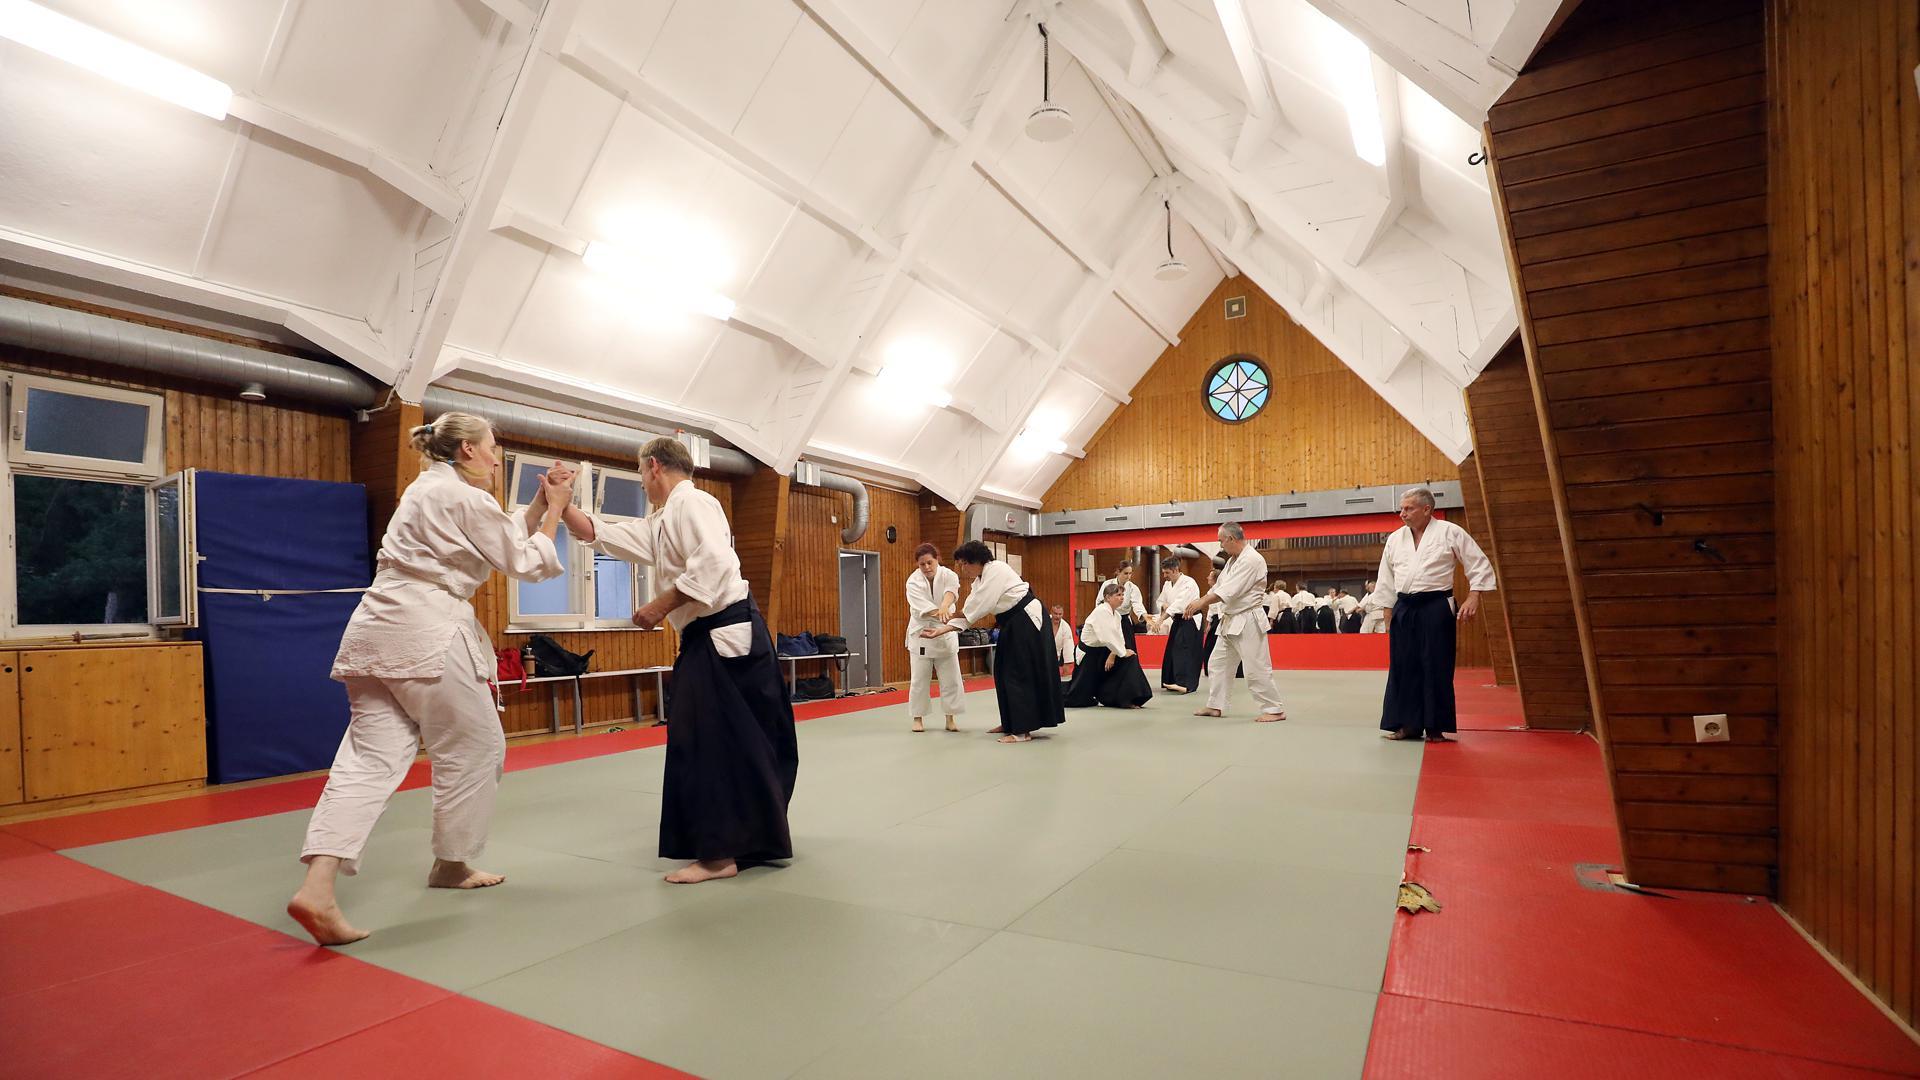 Kampfkunst im Kirchenschiff: In einer früheren Kapelle ist der Budo-Club untergekommen.